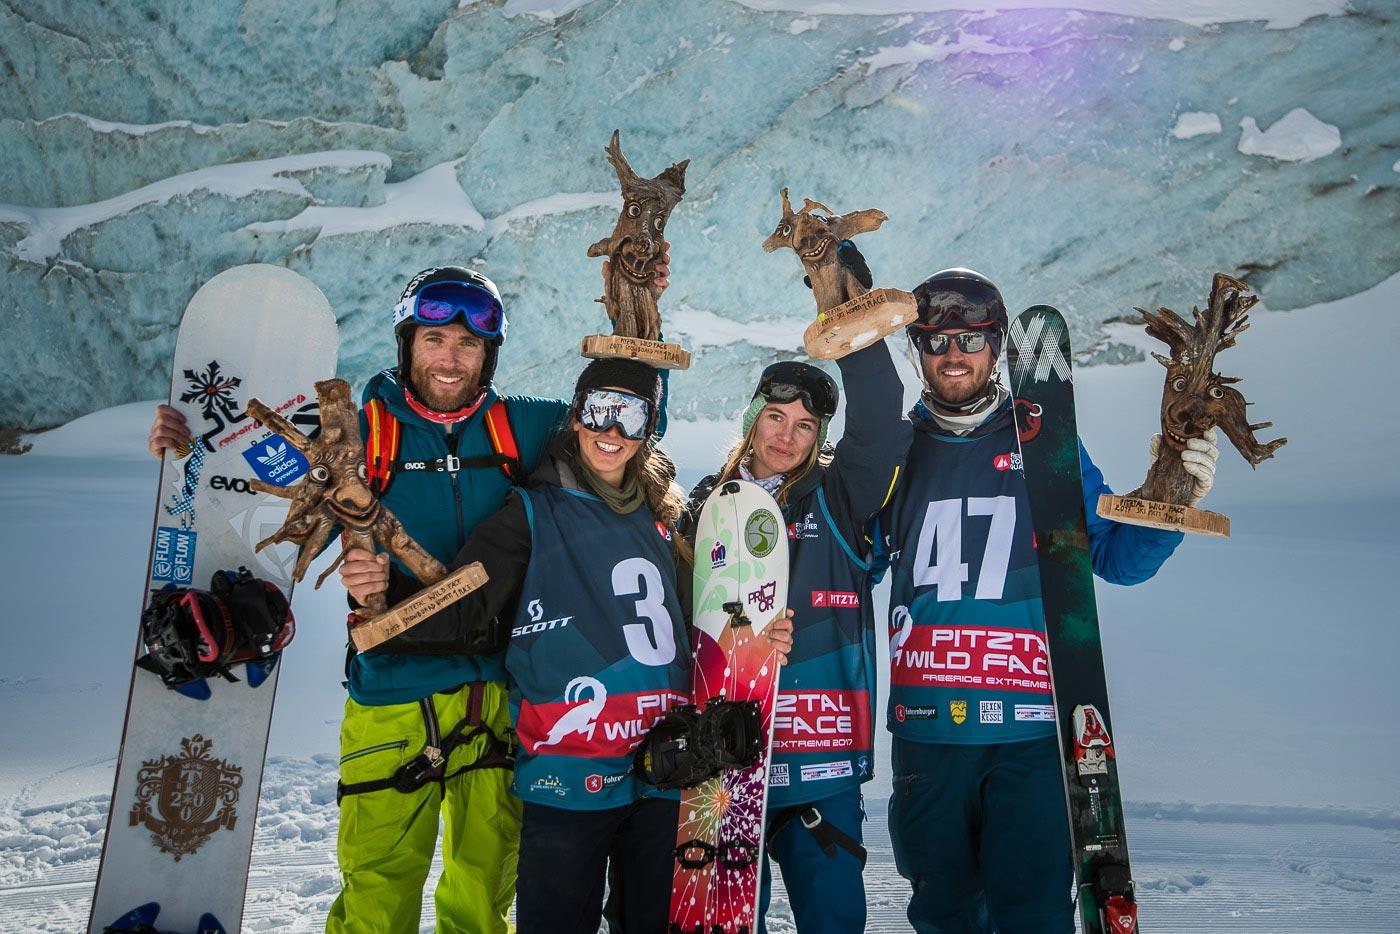 Alle vier glücklichen Gewinner auf einen Blick: Matthias Jorda, Elisabeth Dünser, Elena Mitgrenova und Tobias Heinle